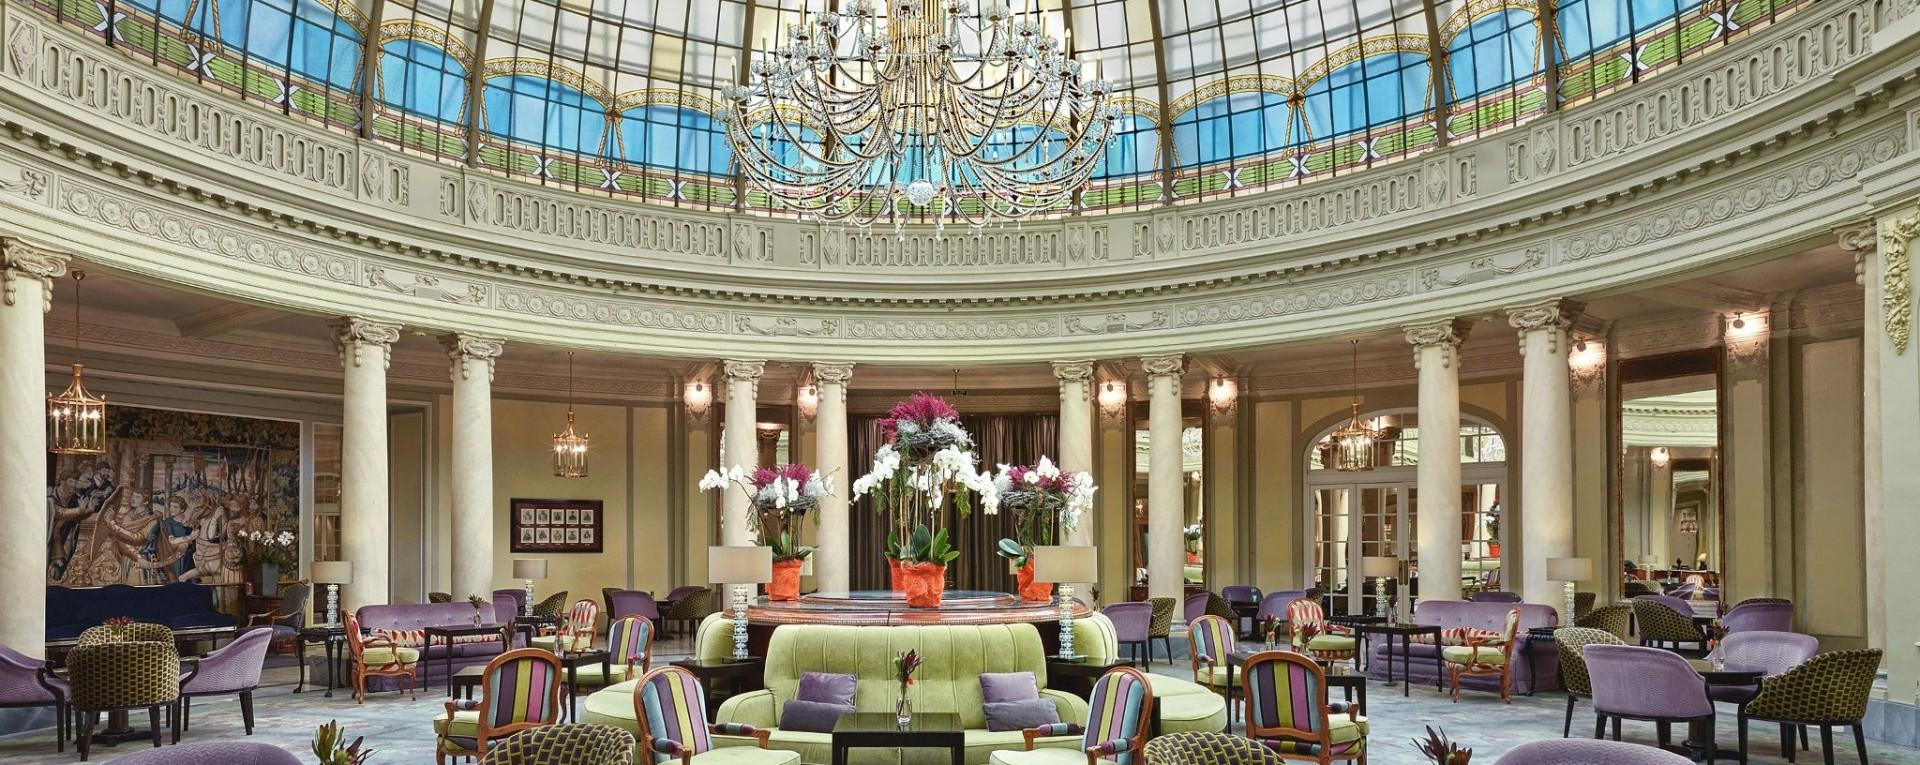 Westin Palace Hotel Madrid Spain Europe Luxury Short